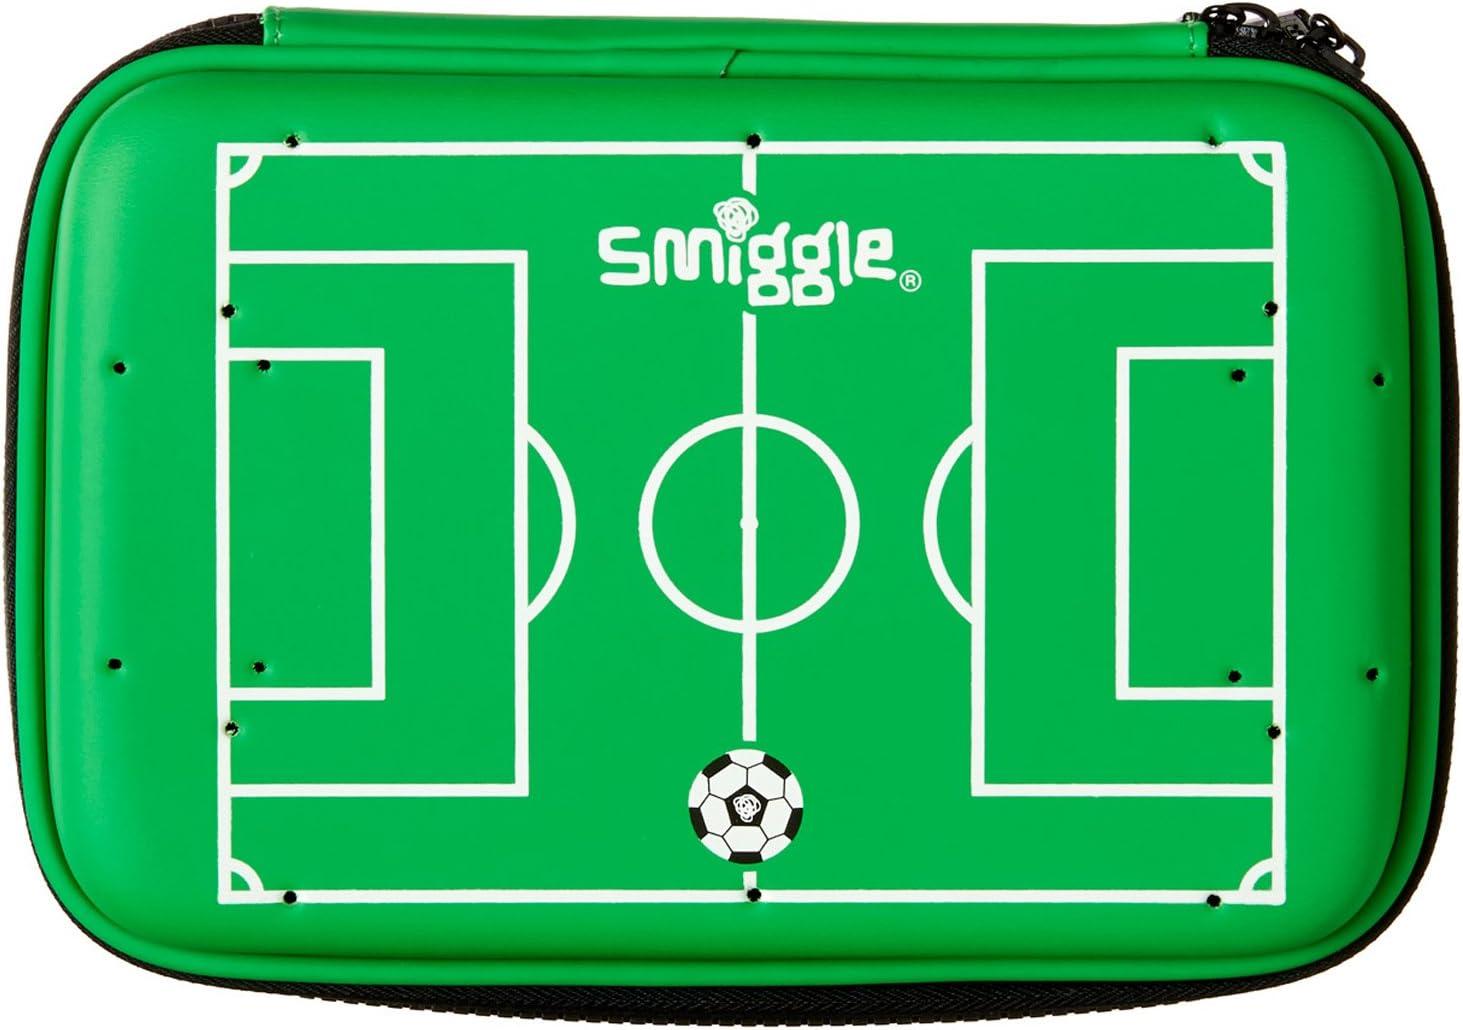 Smiggle futbolín Hardtop estuche: Amazon.es: Oficina y papelería